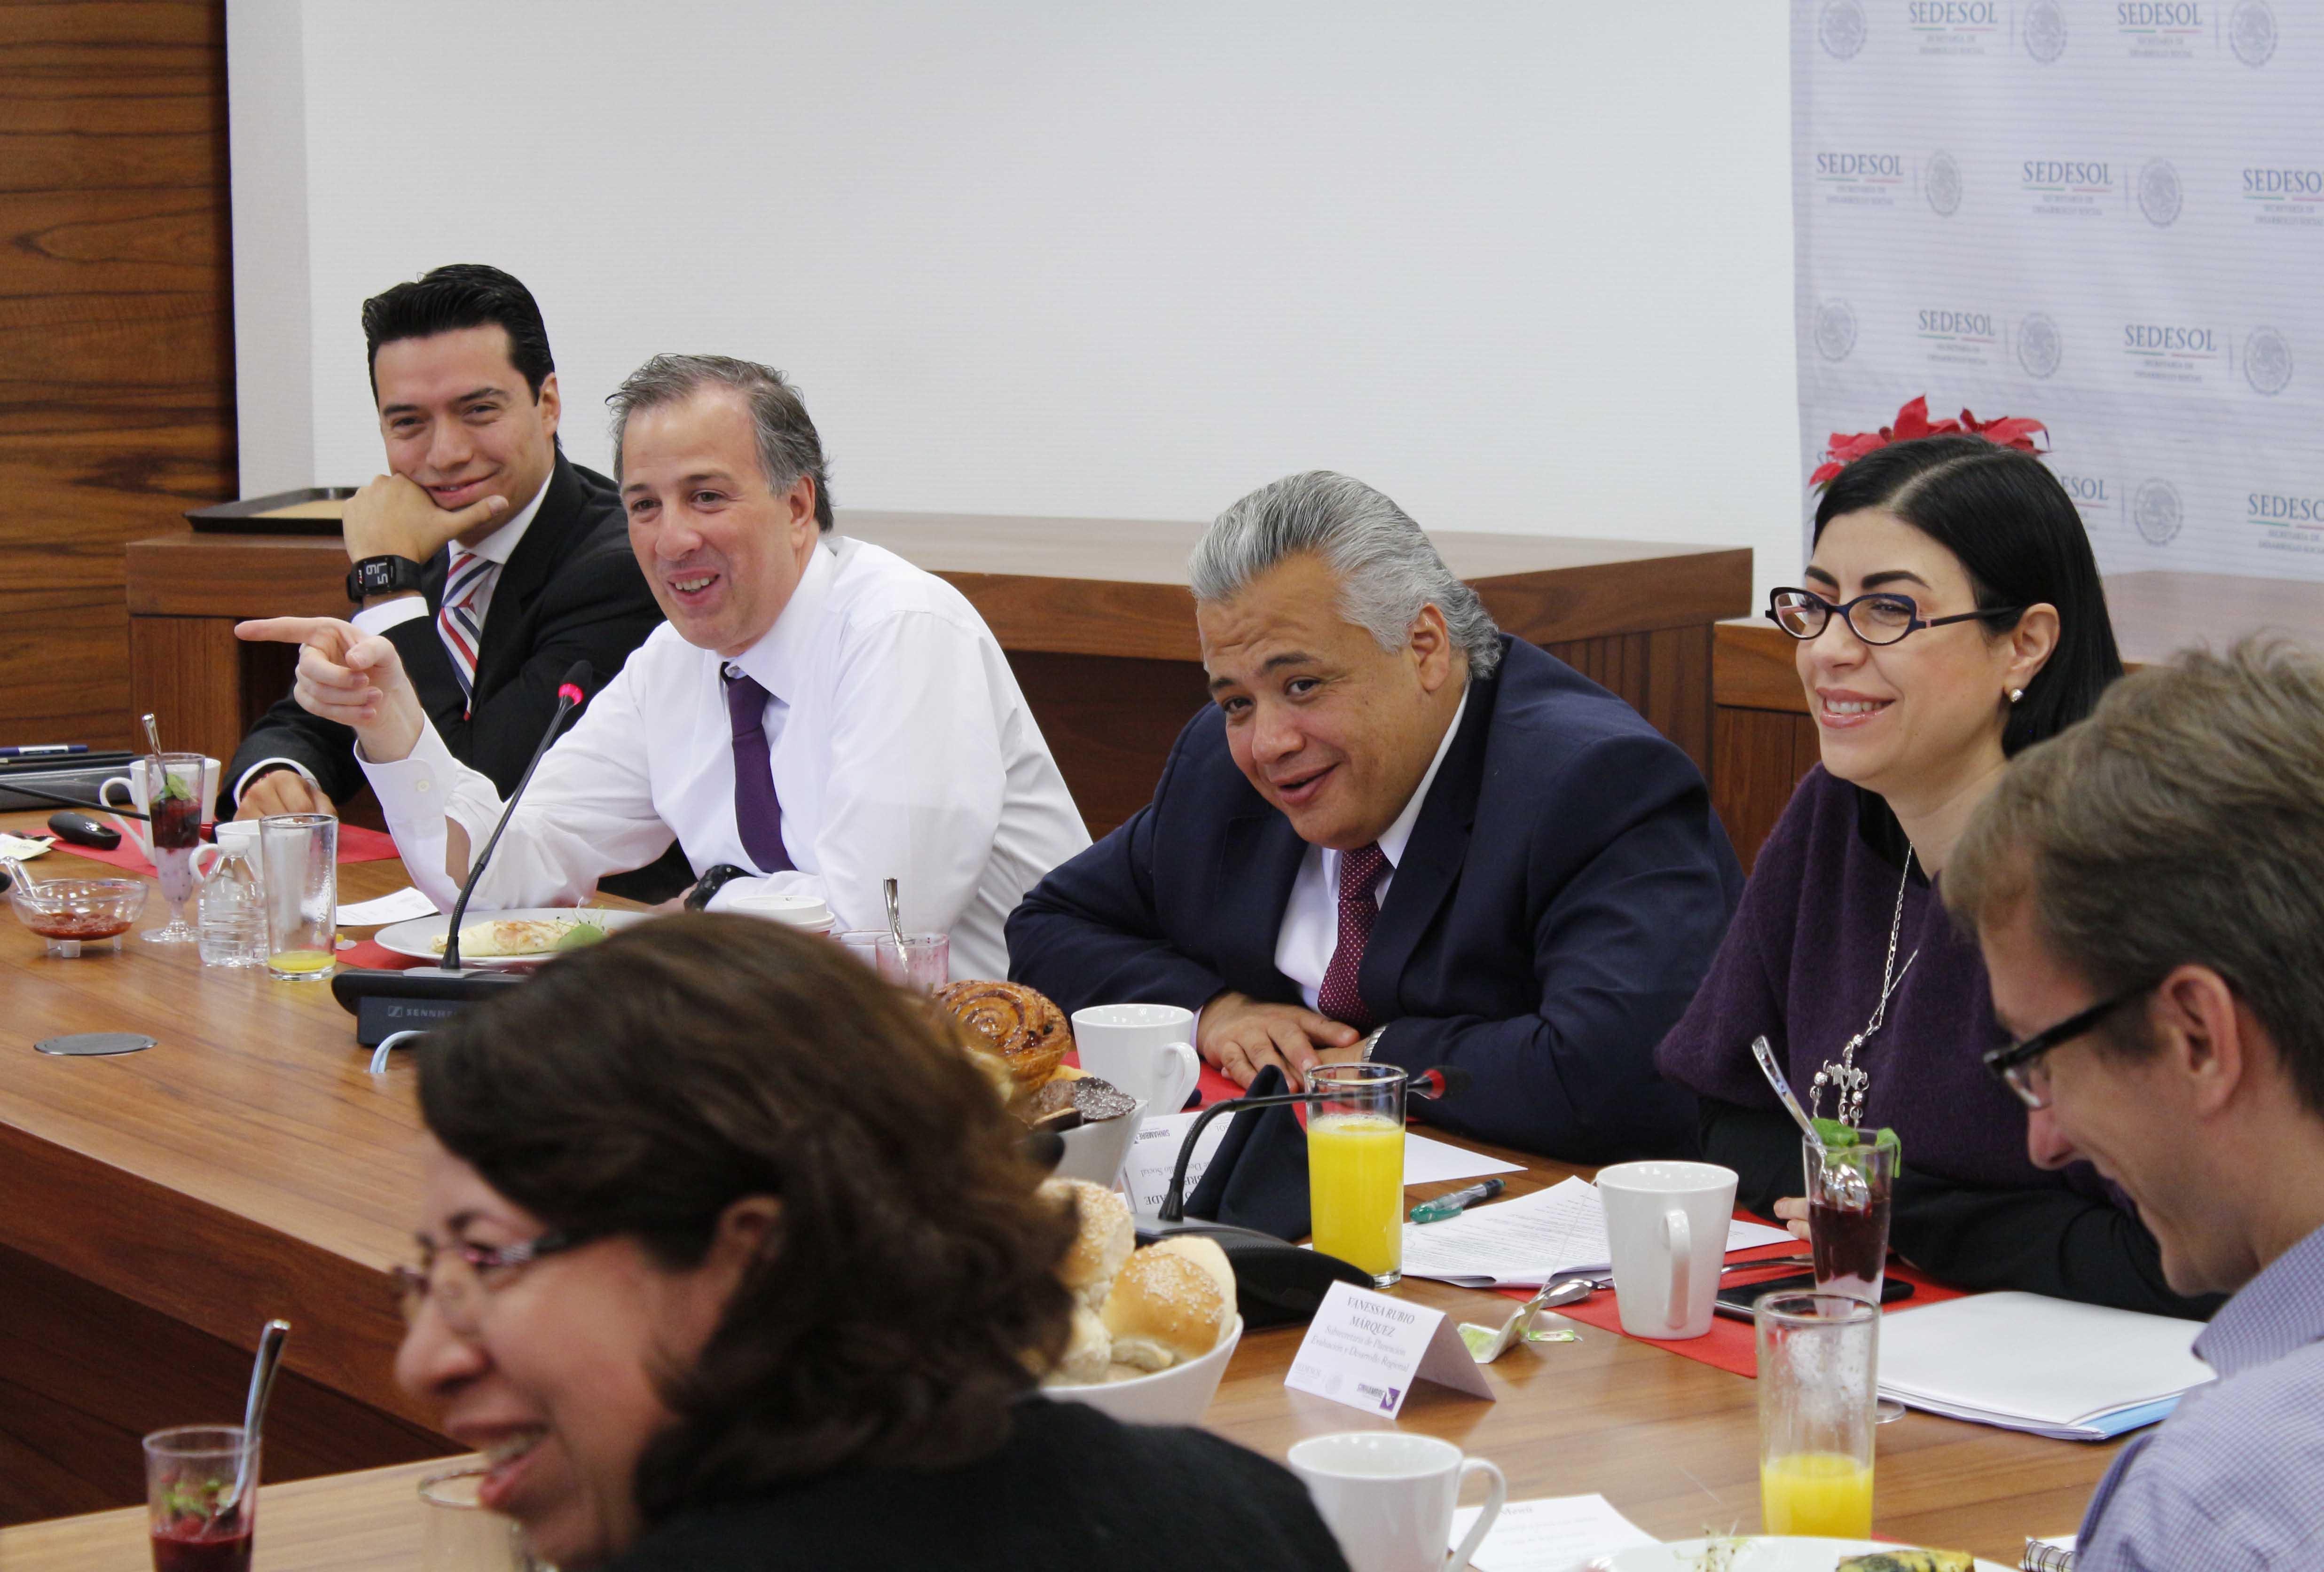 FOTO 3 Encuentro que sostuvo el secretario Meade con reporteros que cubren las actividades de la dependencia.jpg